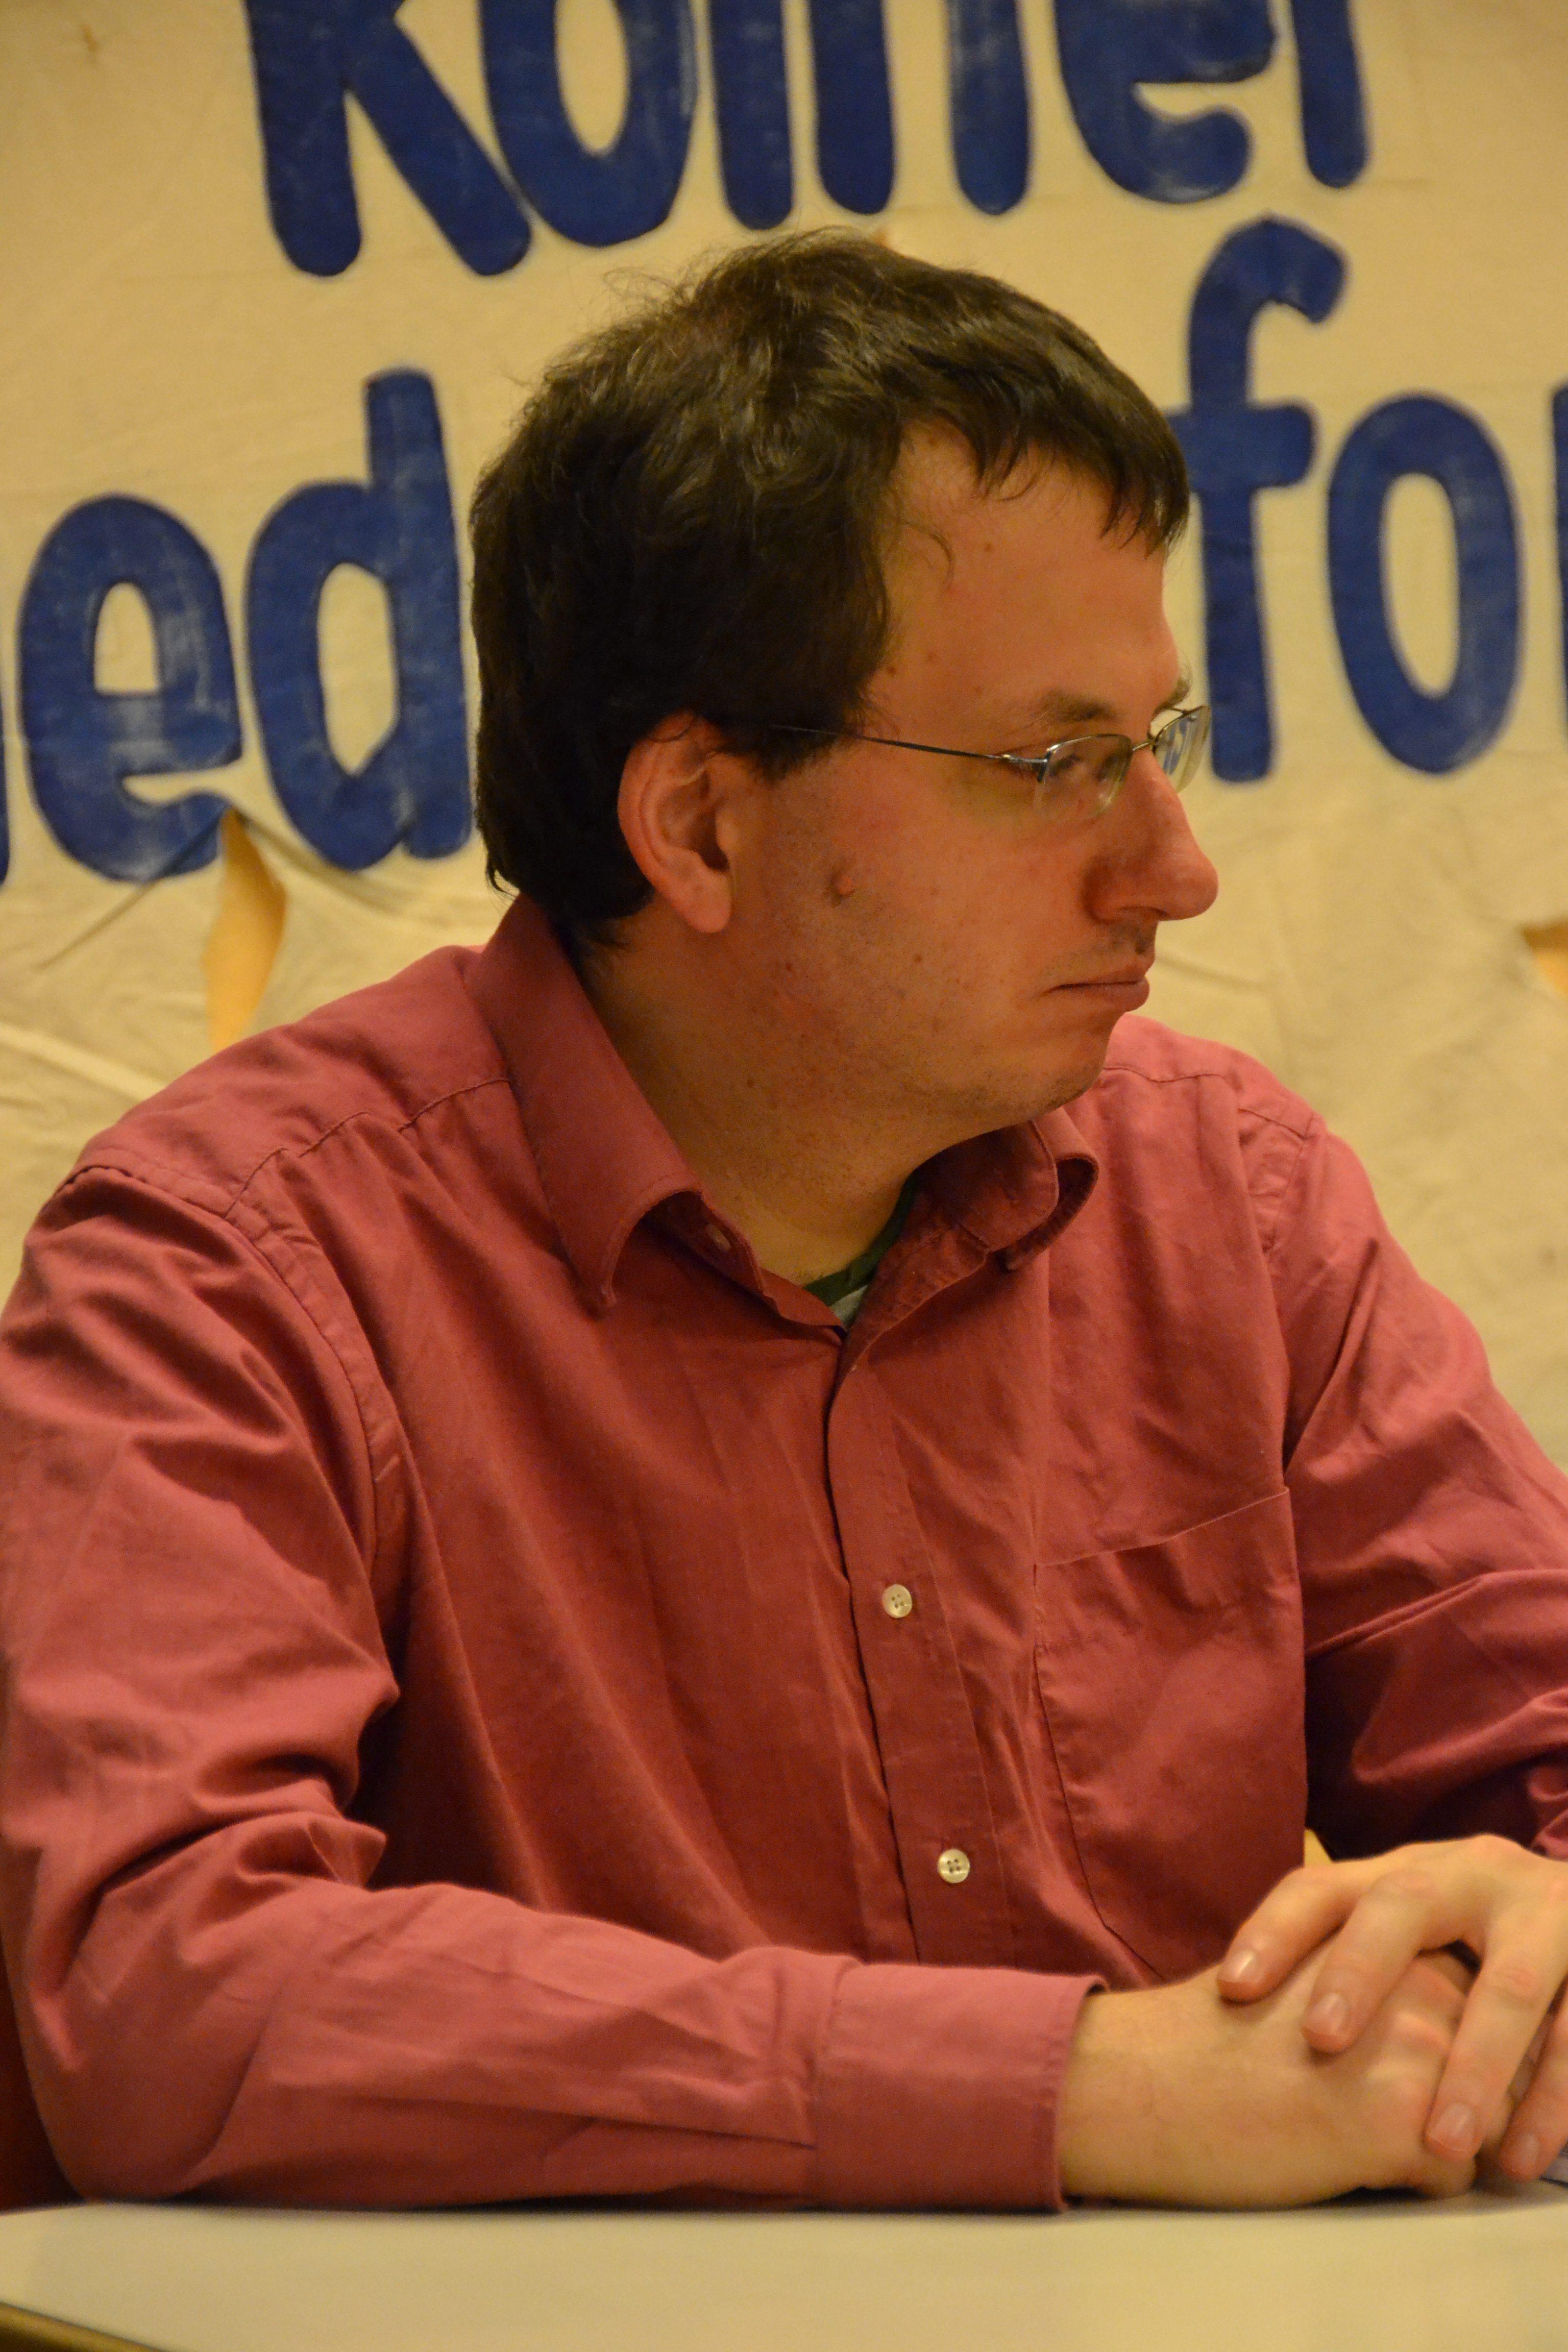 Ein junger nachdenklich schauender Mann mit dunklen Haaren und Brille in einem rötlichen Hemd am Tisch sitzend.